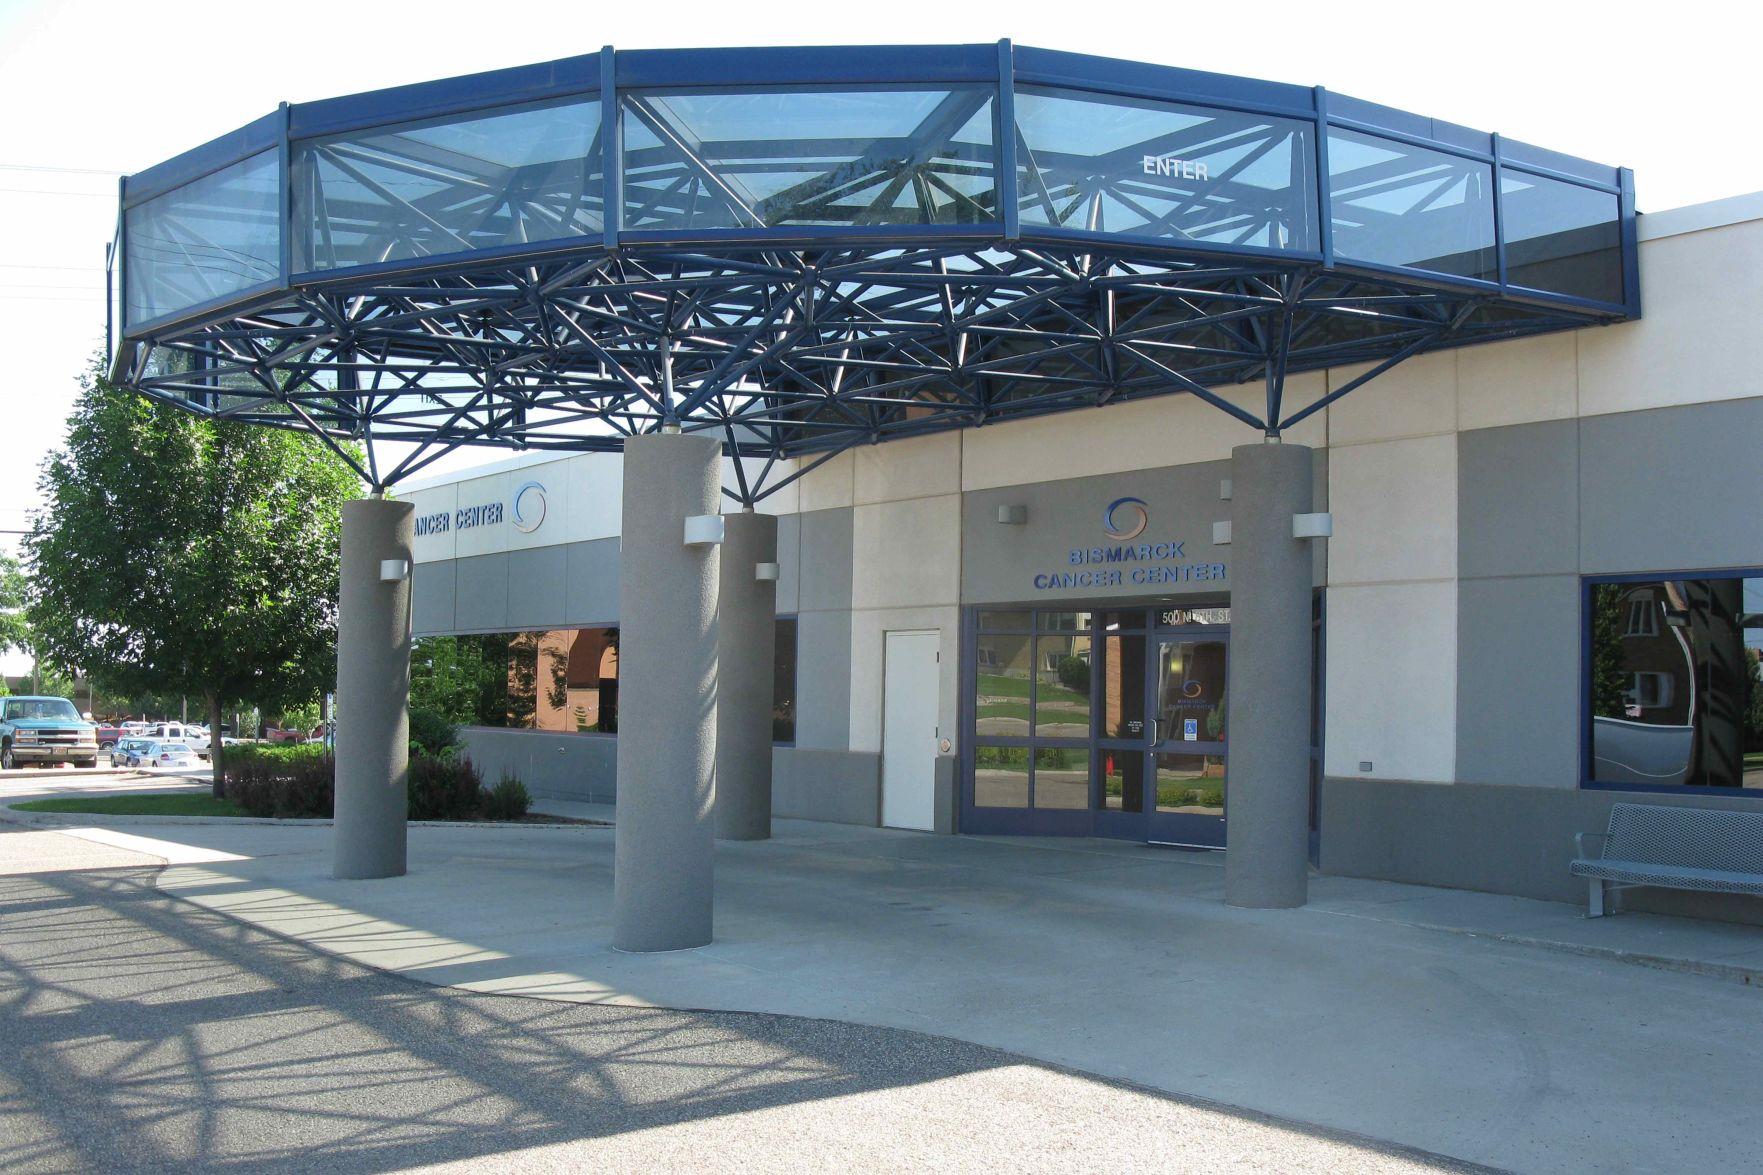 Bismarck Cancer Center